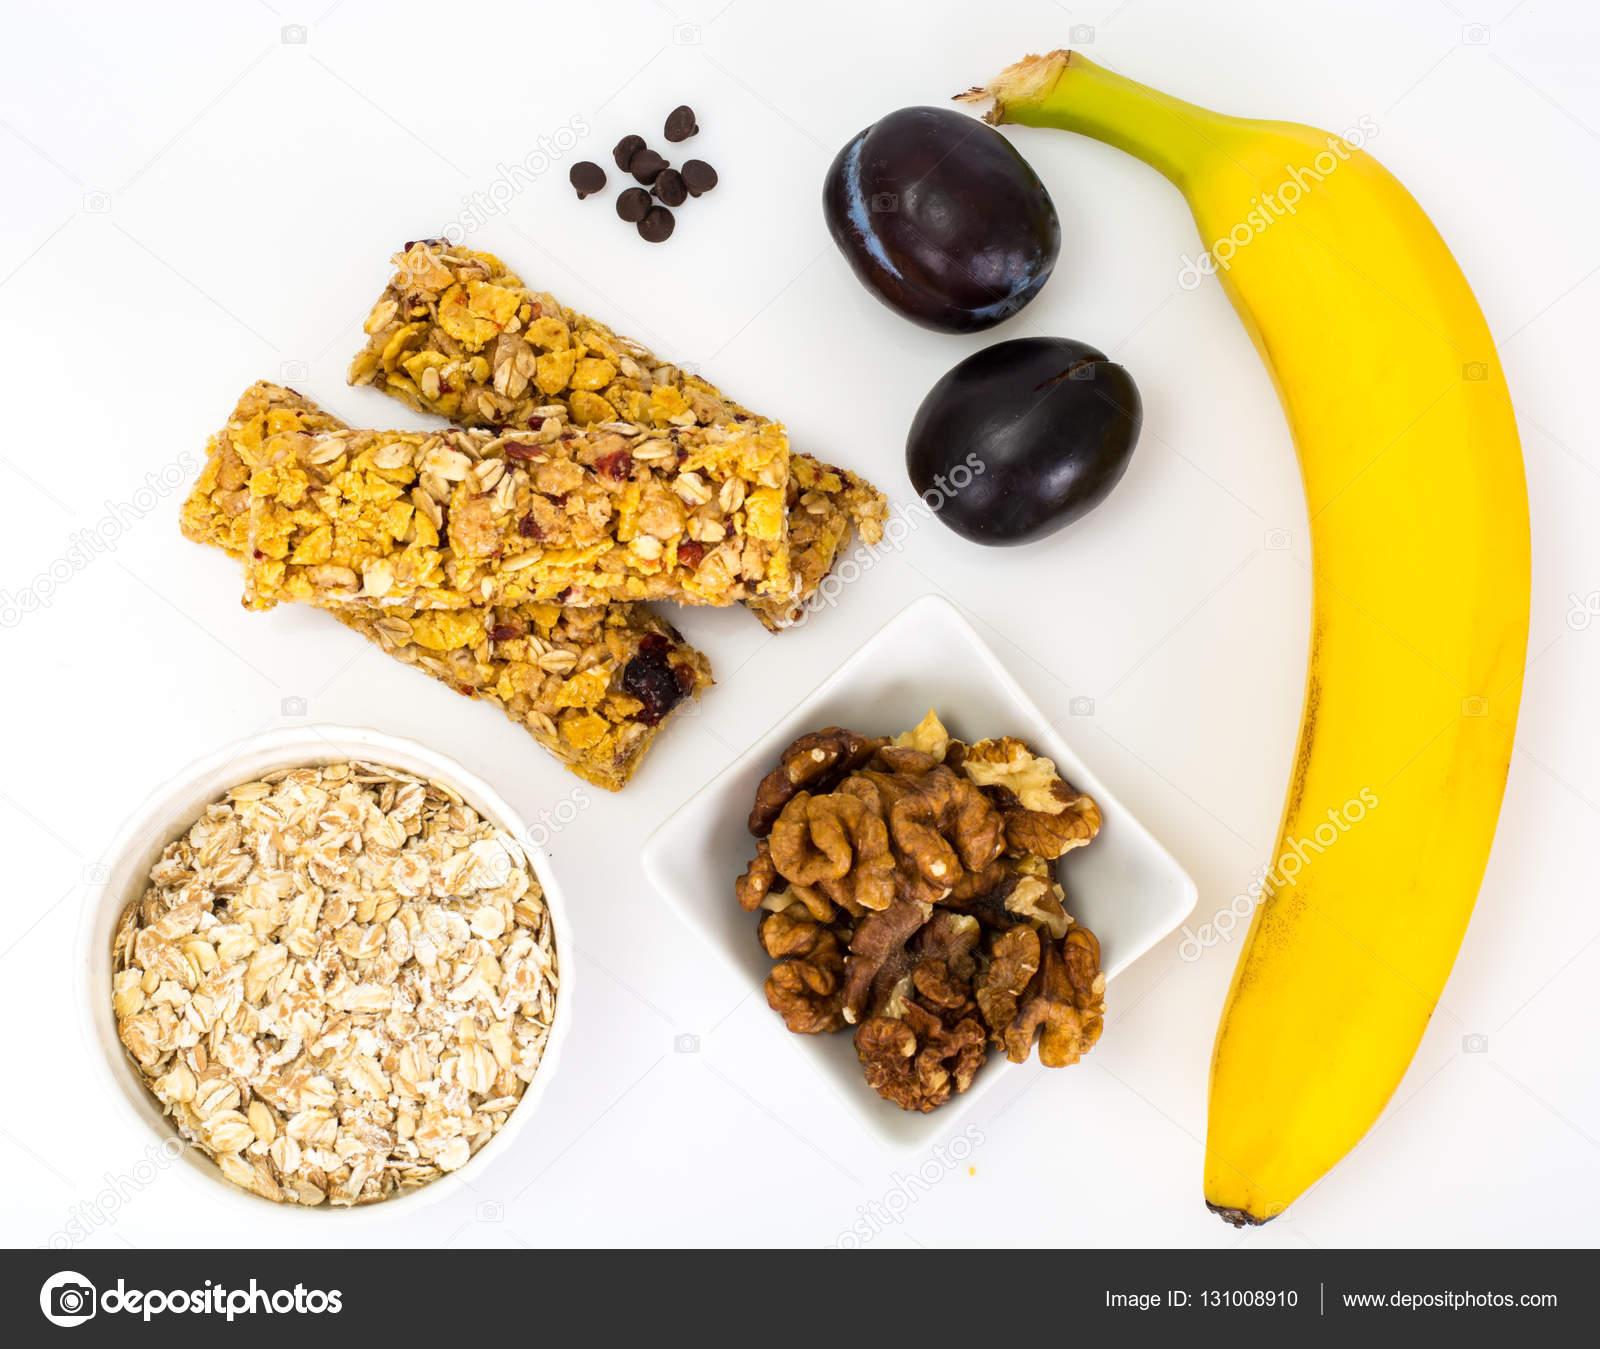 Zdrowe Odzywianie Zywnosc Dla Dzieci Obiady Szkolne Zboza